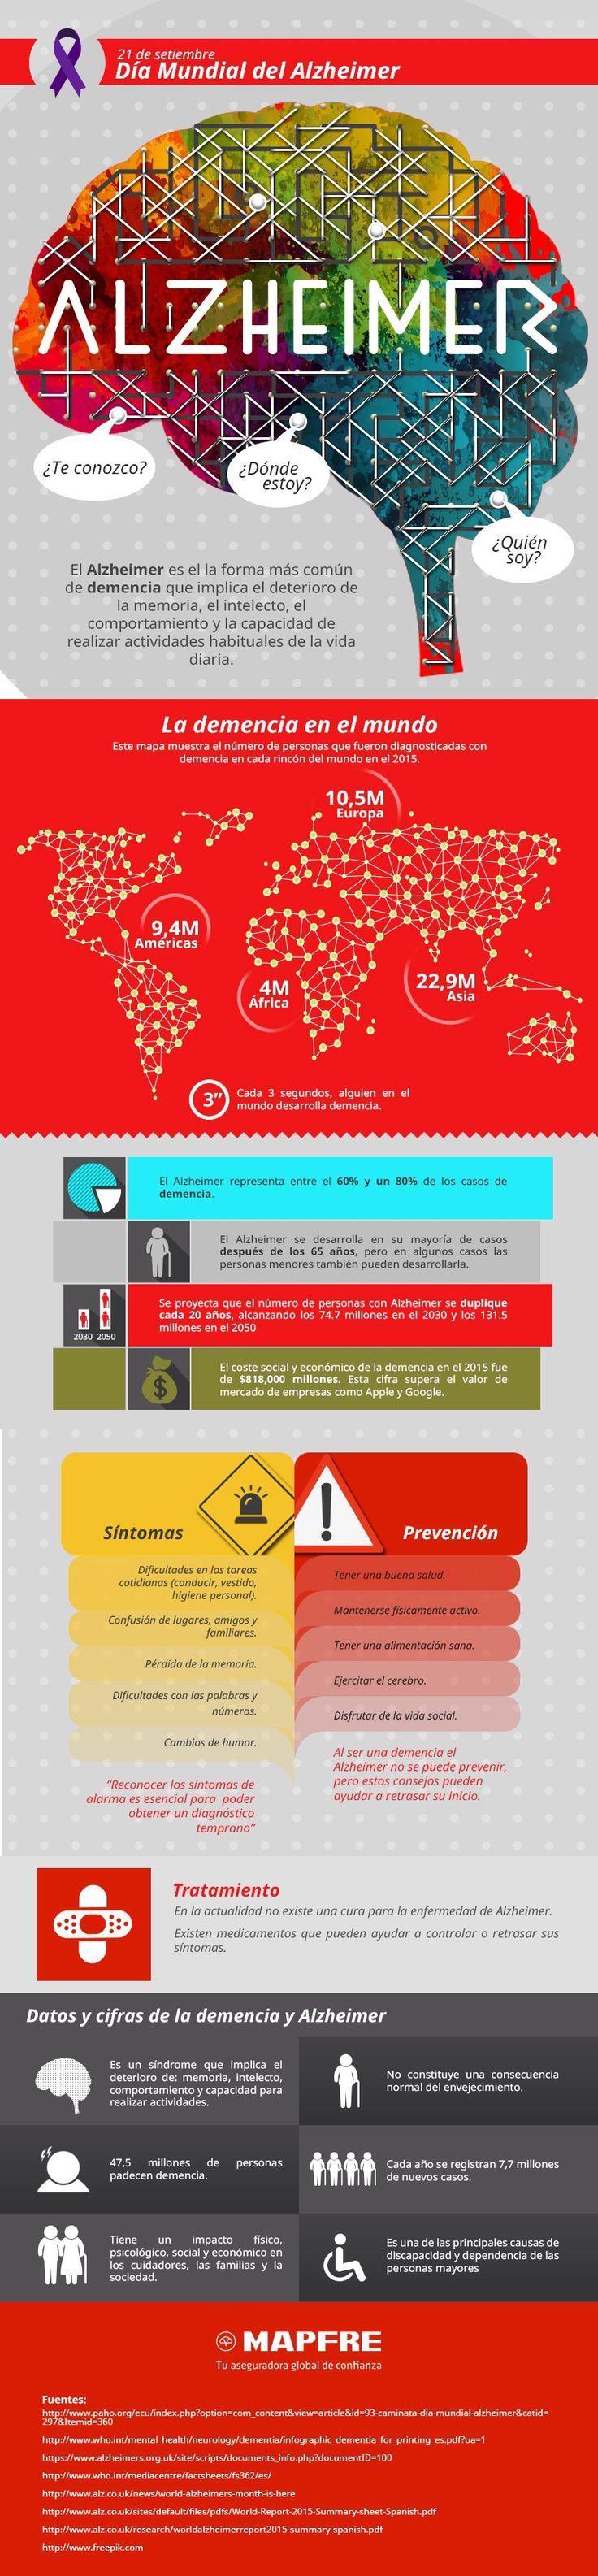 10 Recomendaciones para Prevenir el Alzheimer y la Pérdida de la Memoria Paloa GomezUrquiza